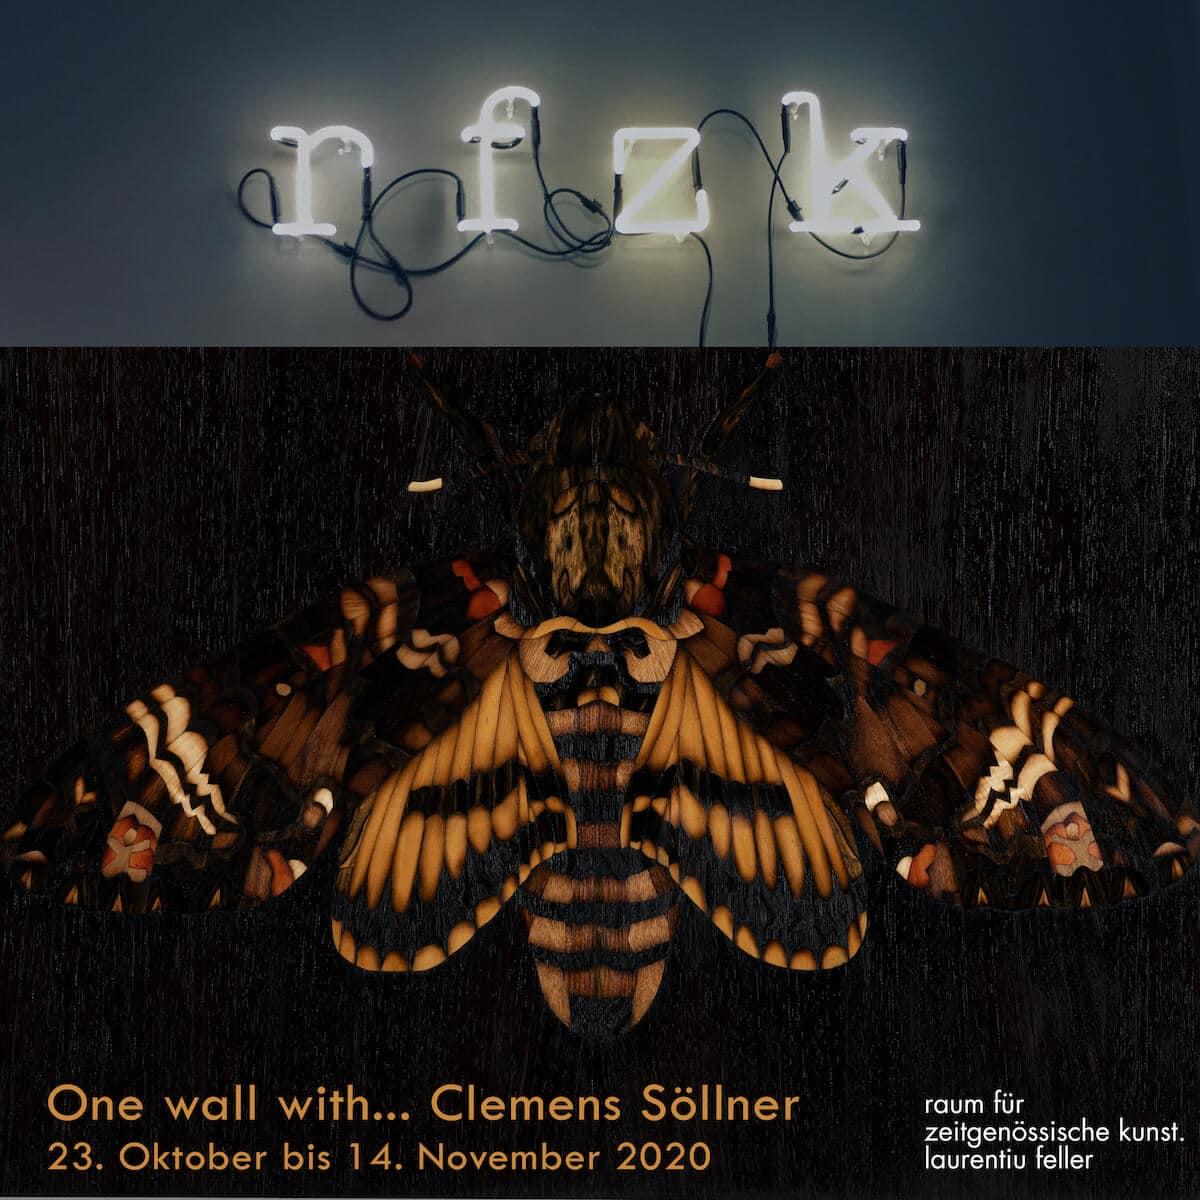 One Wall with ... Clemens Söllner im rfzk - raum für zeitgenössische Kunst. Laurentiu Feller